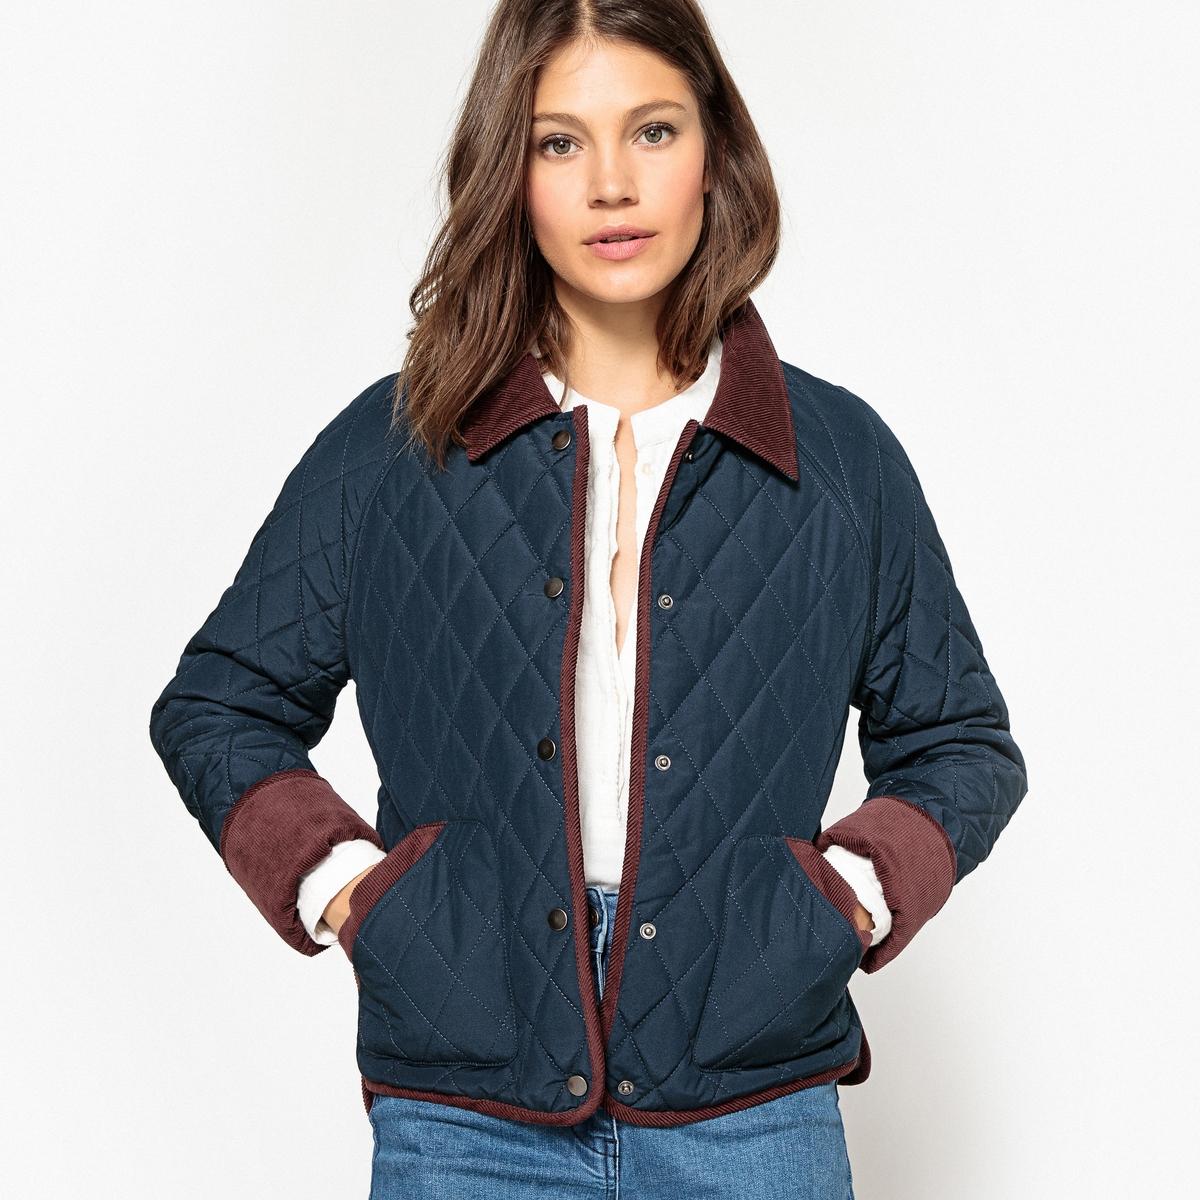 Куртка стеганаяОписание:Теплая и удобная стеганая куртка - незаменимая вещь для грядущей зимы . Красивая отделка контрастным велюром .Детали •  Длина : укороченная   •  Воротник-поло, рубашечный  •  Застежка на кнопкиСостав и уход •  55% хлопка, 45% полиэстера •  Температура стирки 30° •  Сухая чистка и отбеливатели запрещены •  Не использовать барабанную сушку   •  Не гладить •  Длина : 62 см<br><br>Цвет: темно-синий<br>Размер: 36 (FR) - 42 (RUS).38 (FR) - 44 (RUS).52 (FR) - 58 (RUS).46 (FR) - 52 (RUS)